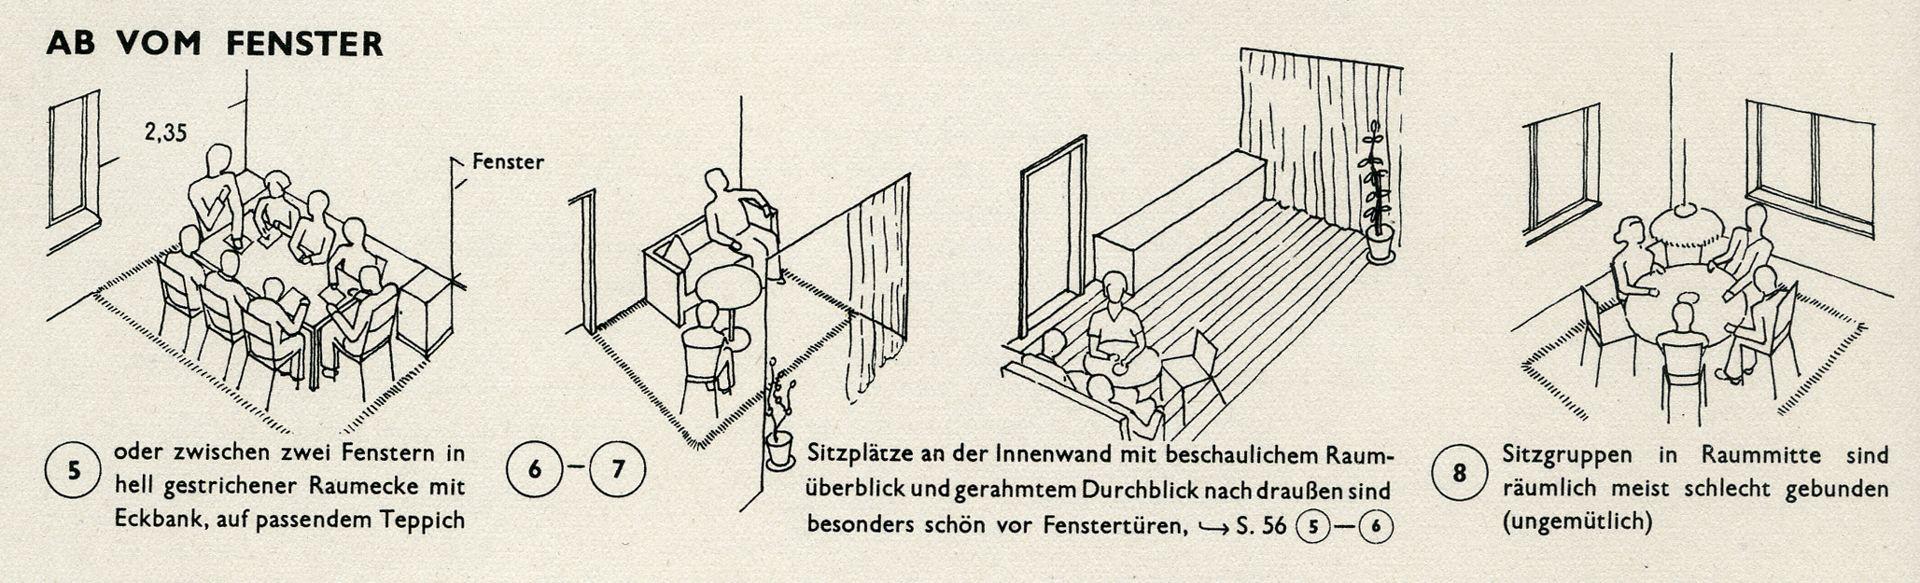 WOHNRÄUME / SITZORDNUNG Ab vom Fenster